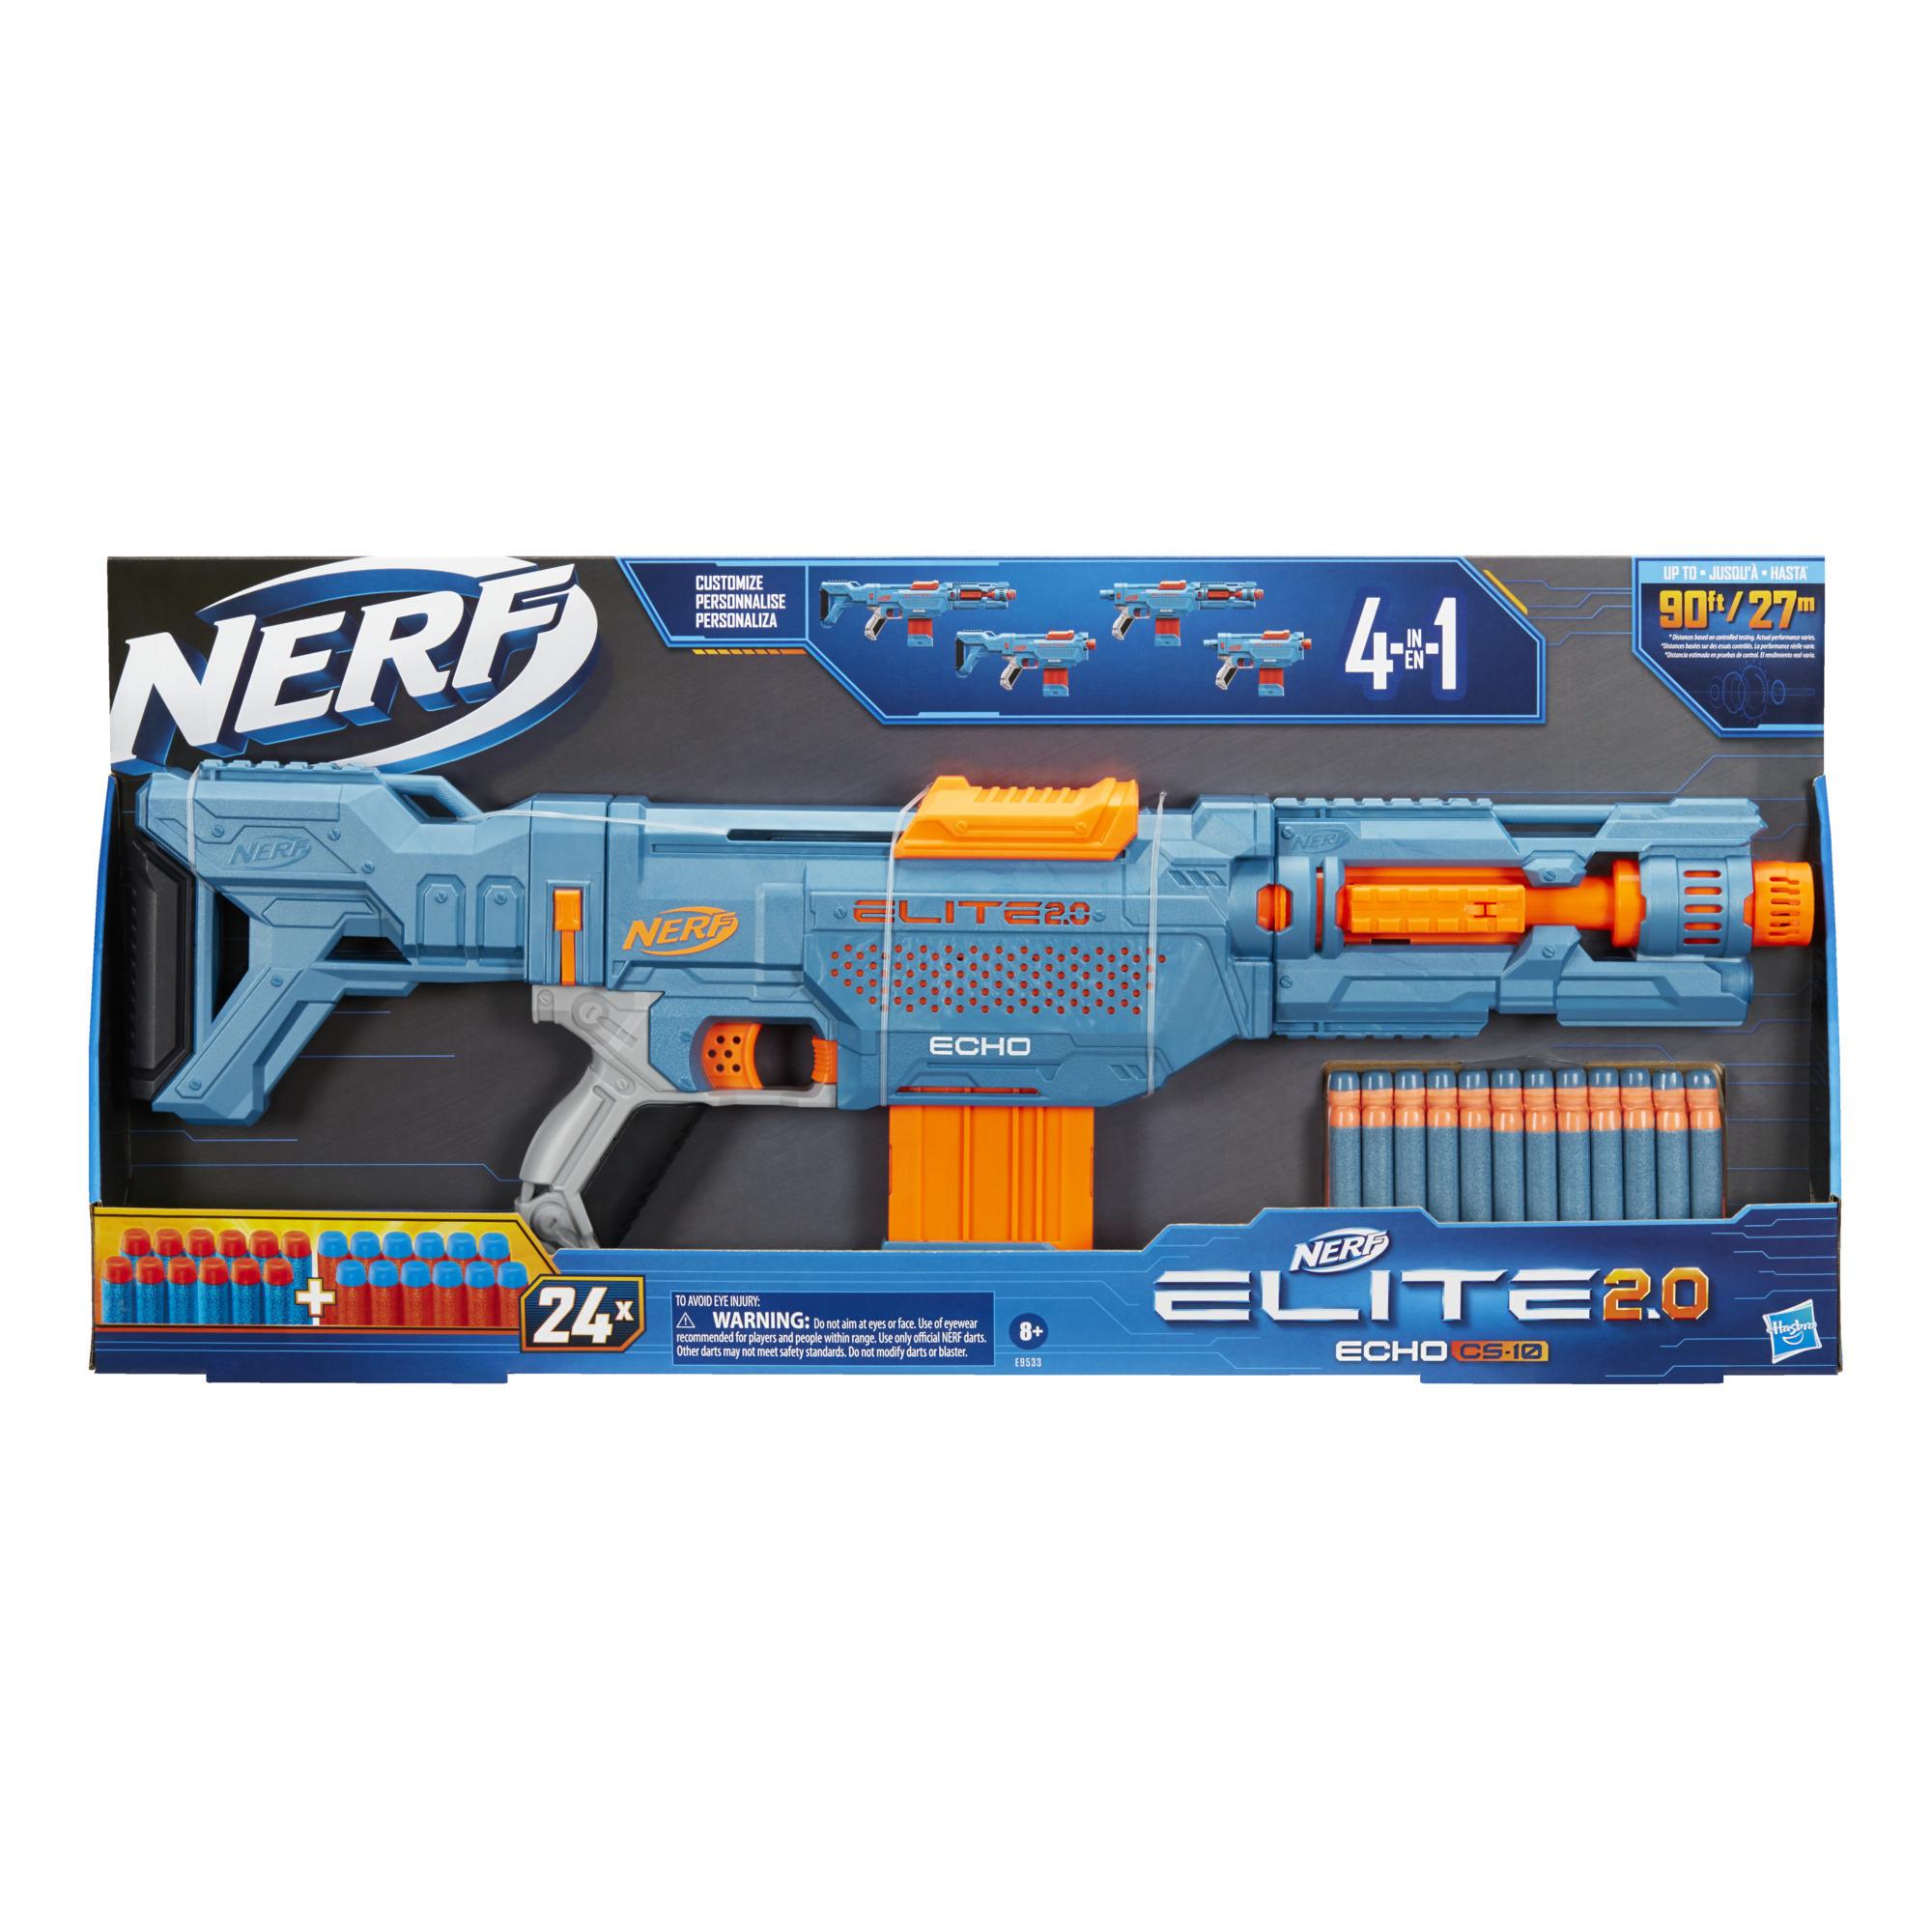 Nerf Elite 2.0 Echo CS-10 Blaster, 24 Nerf-pile, magasin til 10 pile, aftageligt skæfte og tromleforlænger, 4 taktiske skinner